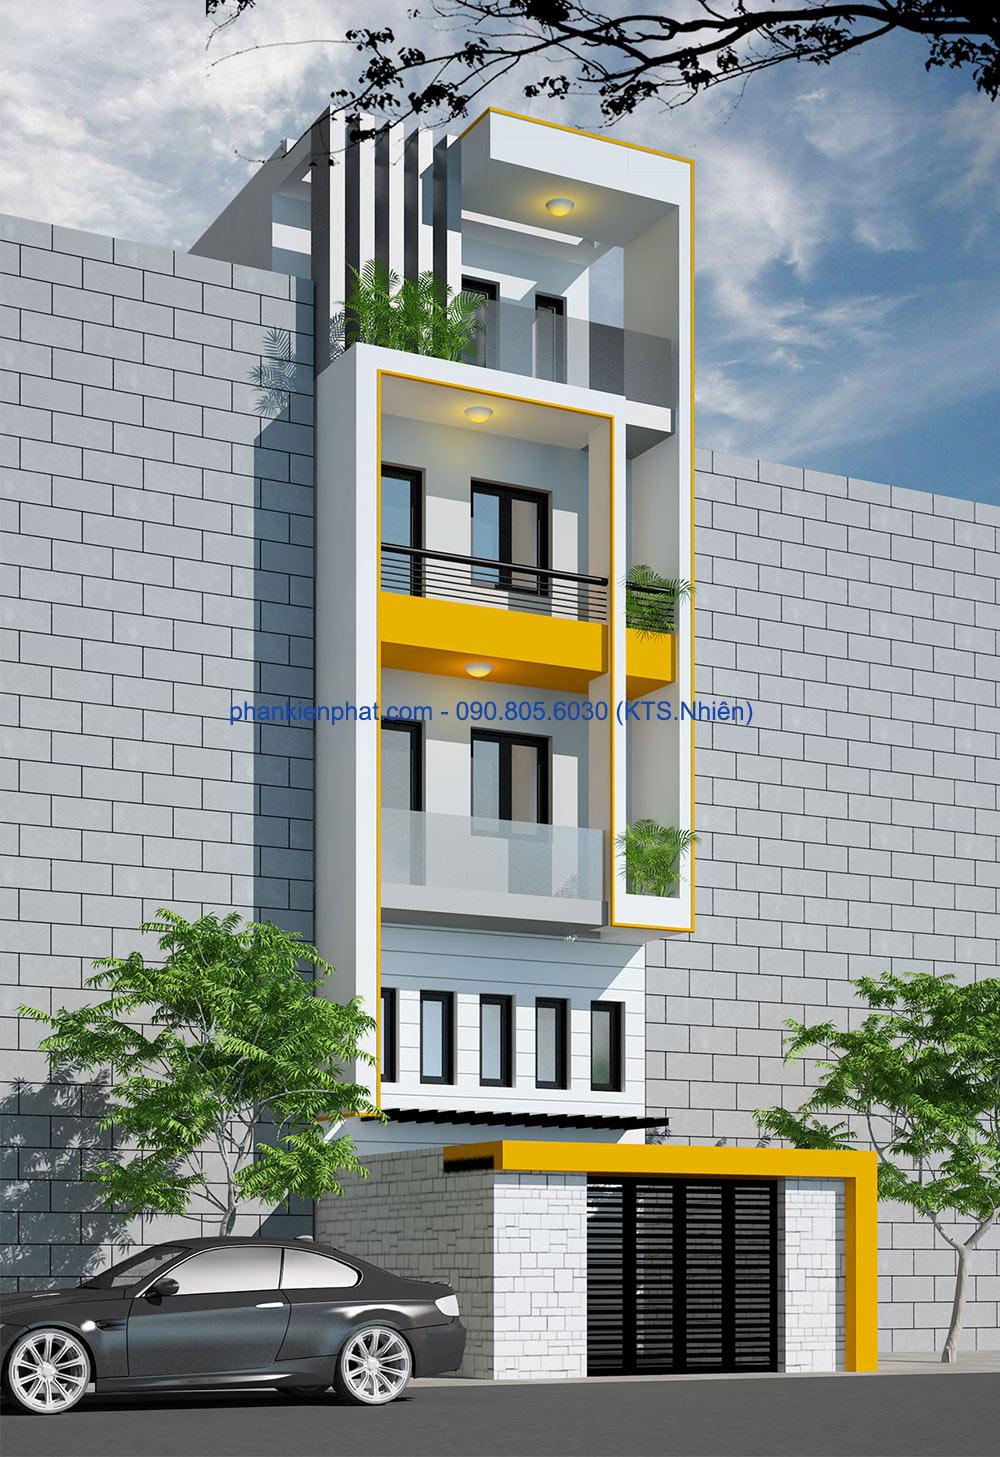 Công trình, Thiết kế xây dựng nhà phố, Cô Minh Hằng